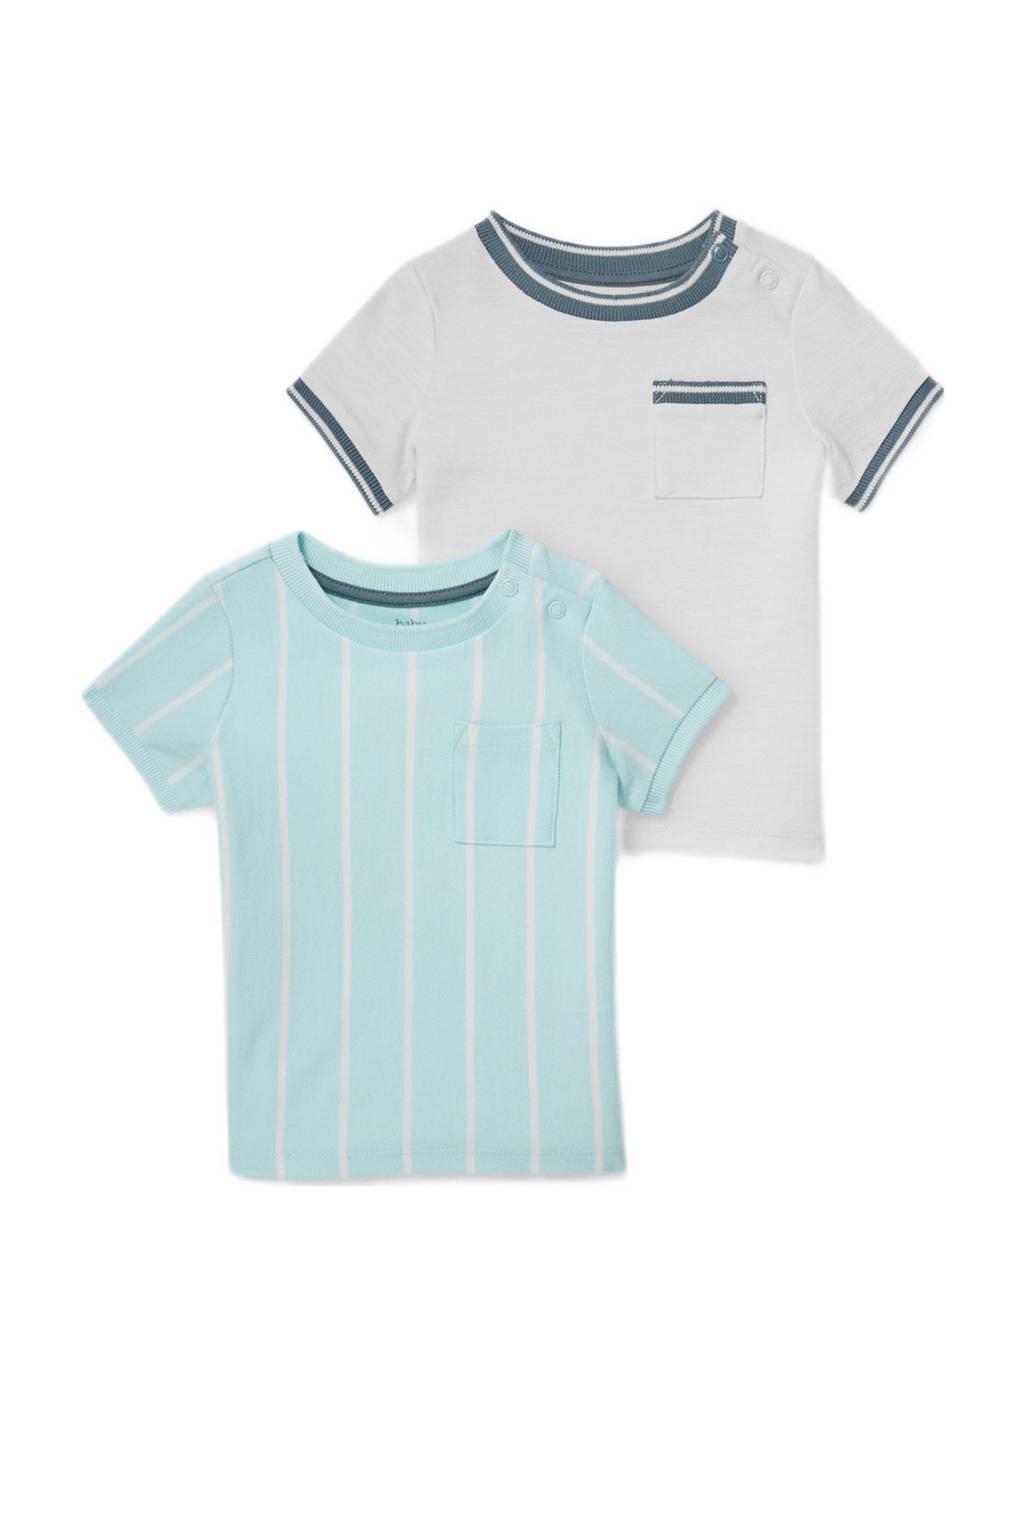 C&A Baby Club T-shirt - set van 2 lichtblauw/wit/donkerblauw, Wit/lichtblauw